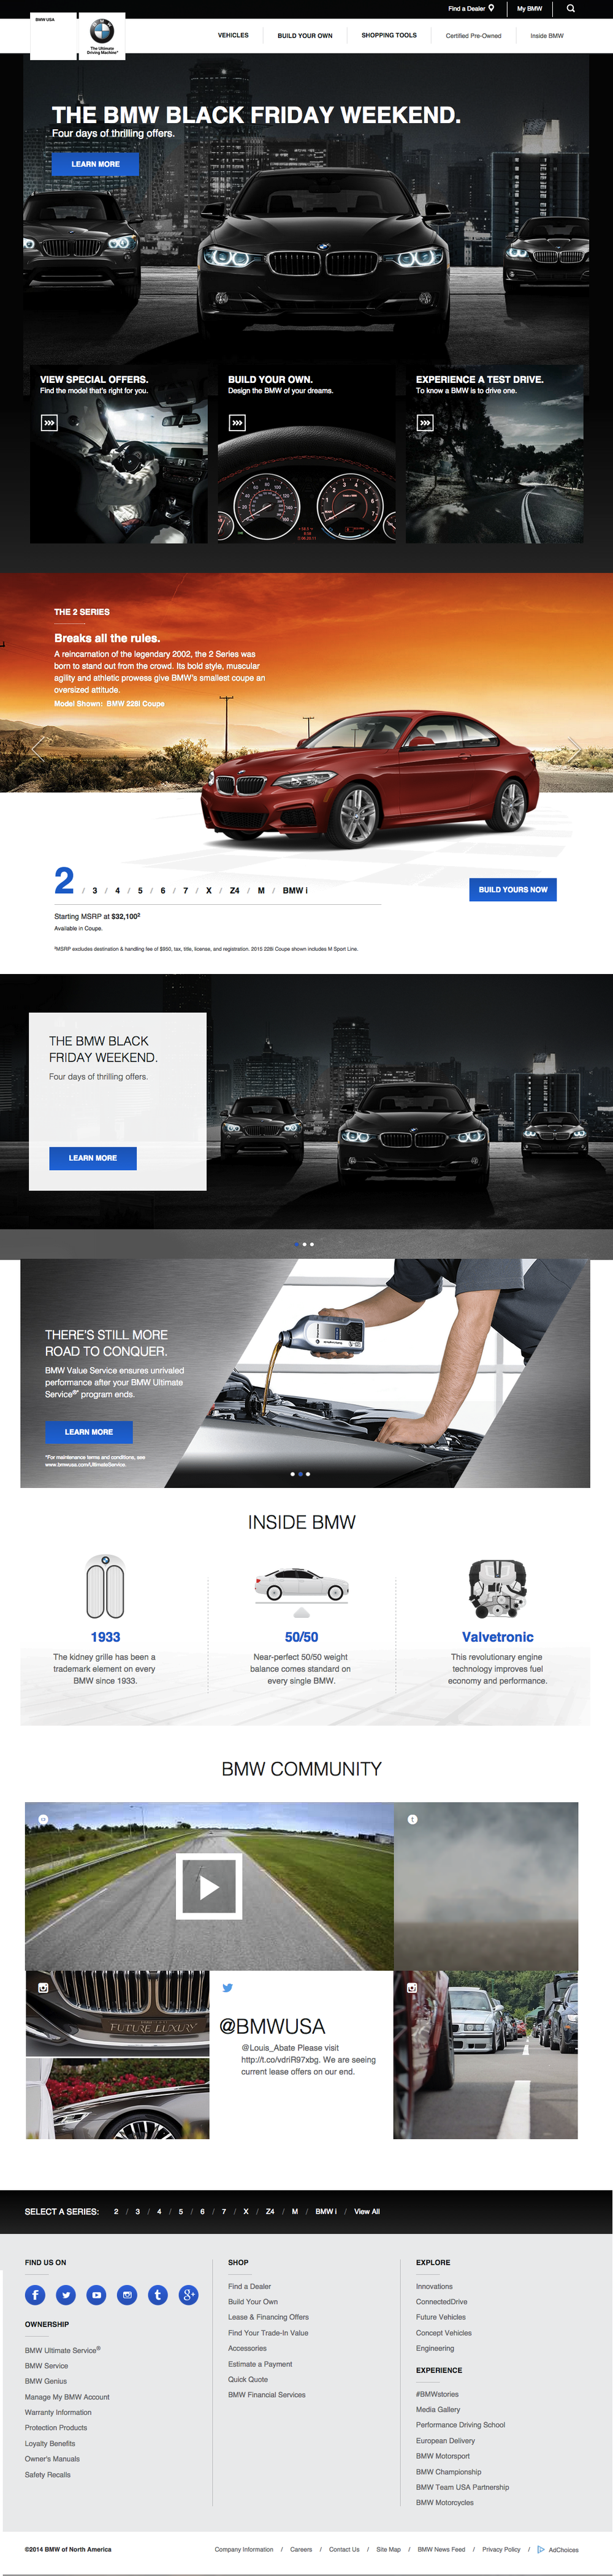 The BMWUSA Homepage